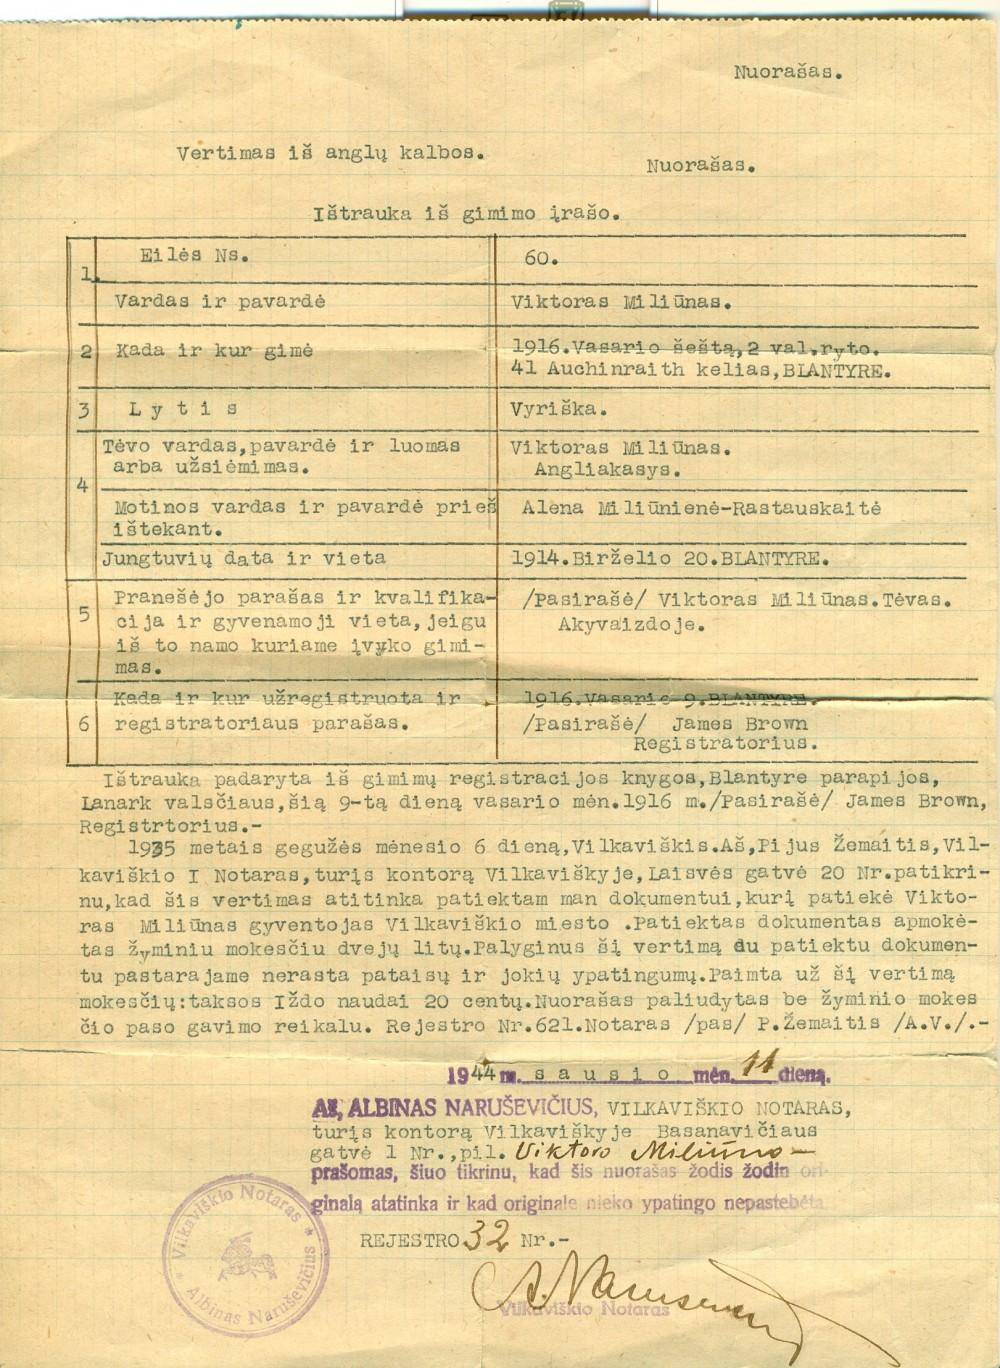 V. Miliūno gimimo liudijimo nuorašas. Vilkaviškis, 1944 m. sausio 11 d.